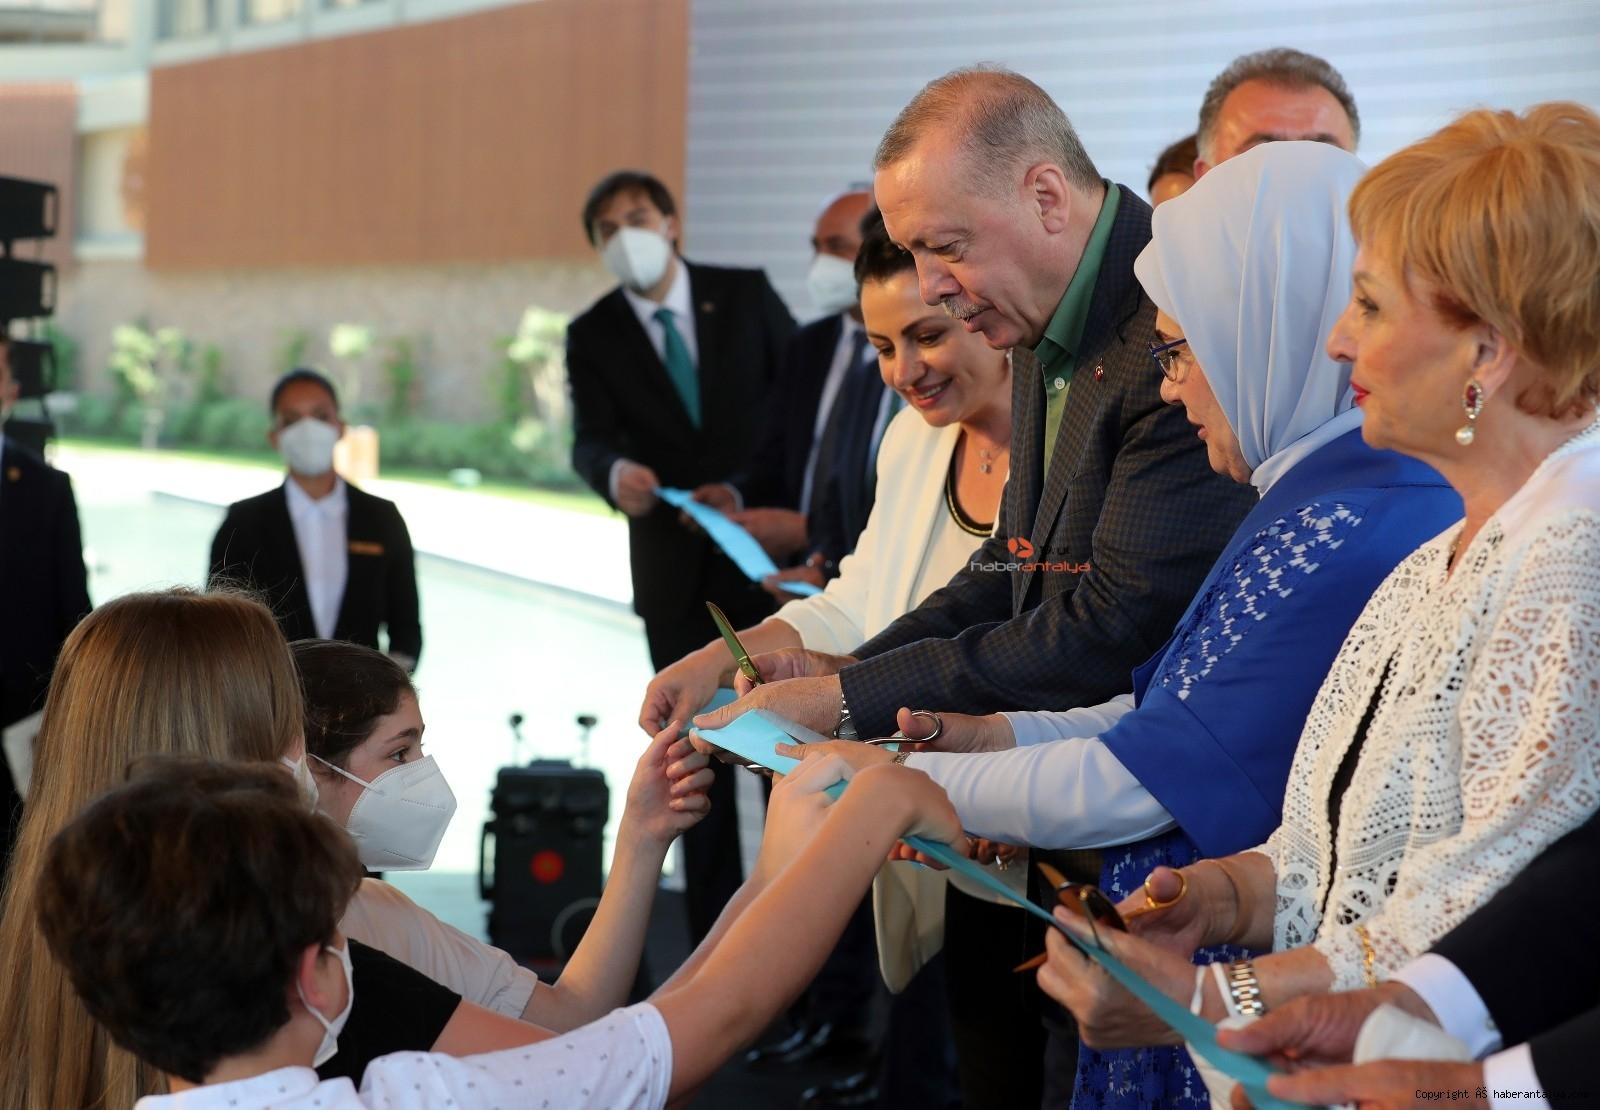 2021/06/cumhurbaskani-erdogan-yakalanan-failin-iliskileri-ortaya-cikarilarak-en-agir-cezayi-alacagina-inaniyoruz-20210619AW35-8.jpg